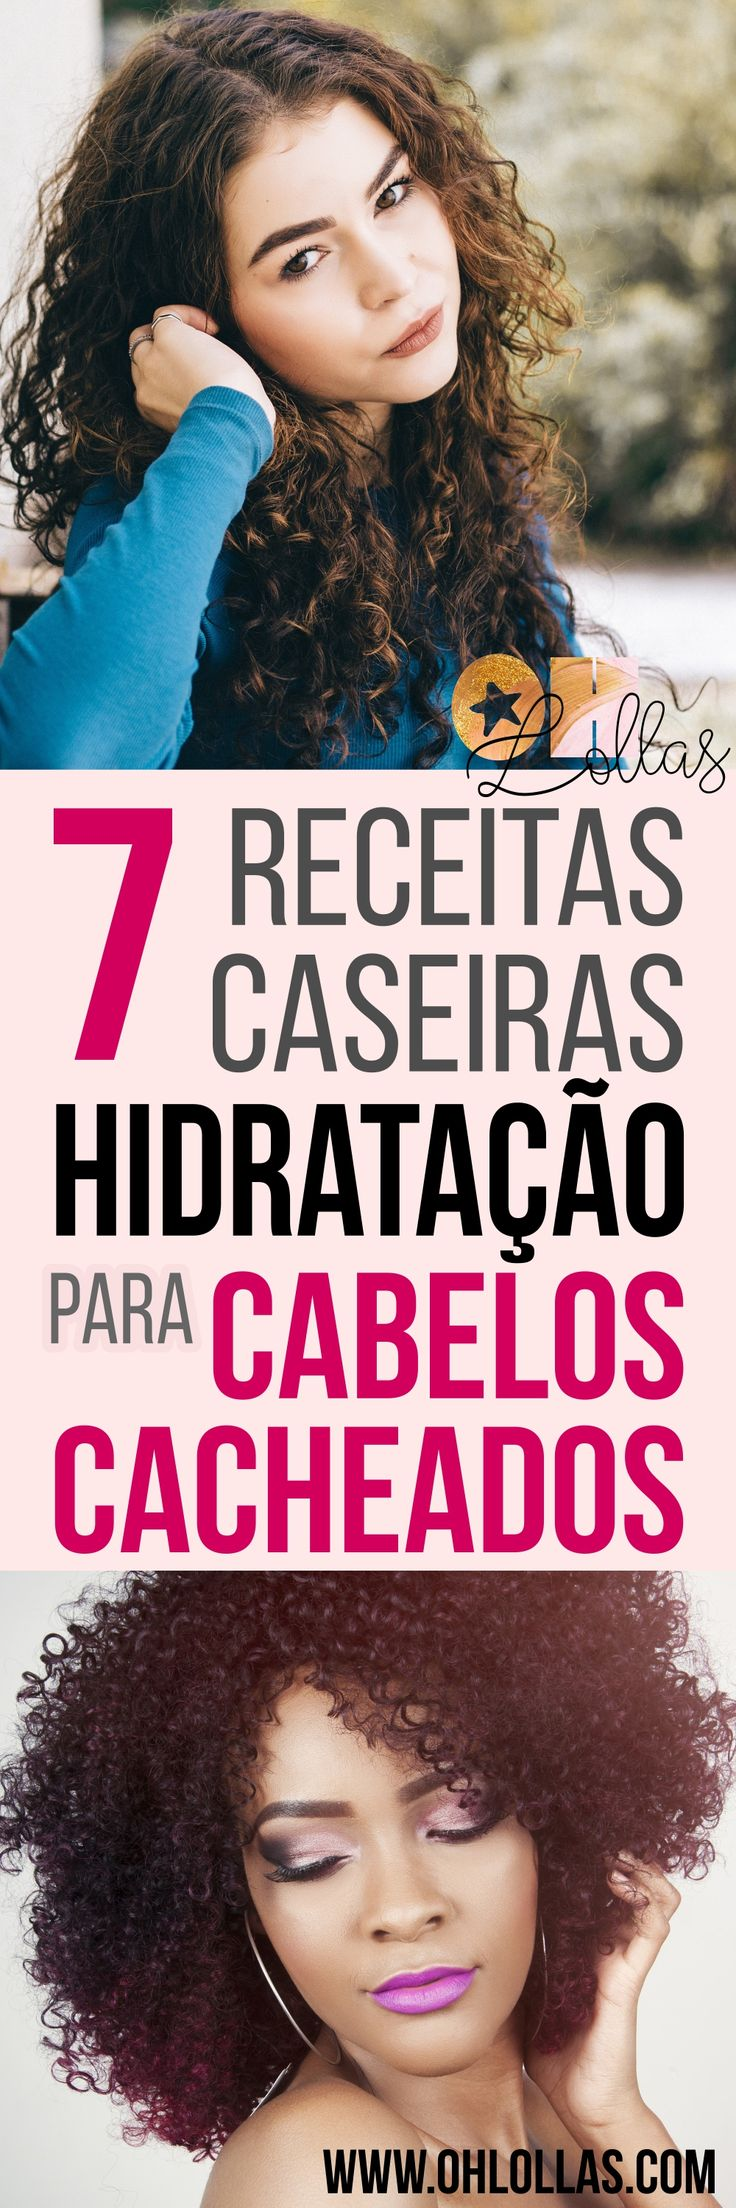 7 RECEITAS CASEIRAS DE HIDRATAÇÃO PARA CABELOS CACHEADOS - Hidratação para cabelos crespos, ondulados e cacheados naturais. Hidratação com mel, babosa, maizena, rícino, óleo de coco, glicerina e muito mais ingredientes baratos e excelentes para tratar os fios. Transição capilar, cronograma capilar caseiro, projeto rapunzel. @ohlollas www.ohlollas.com